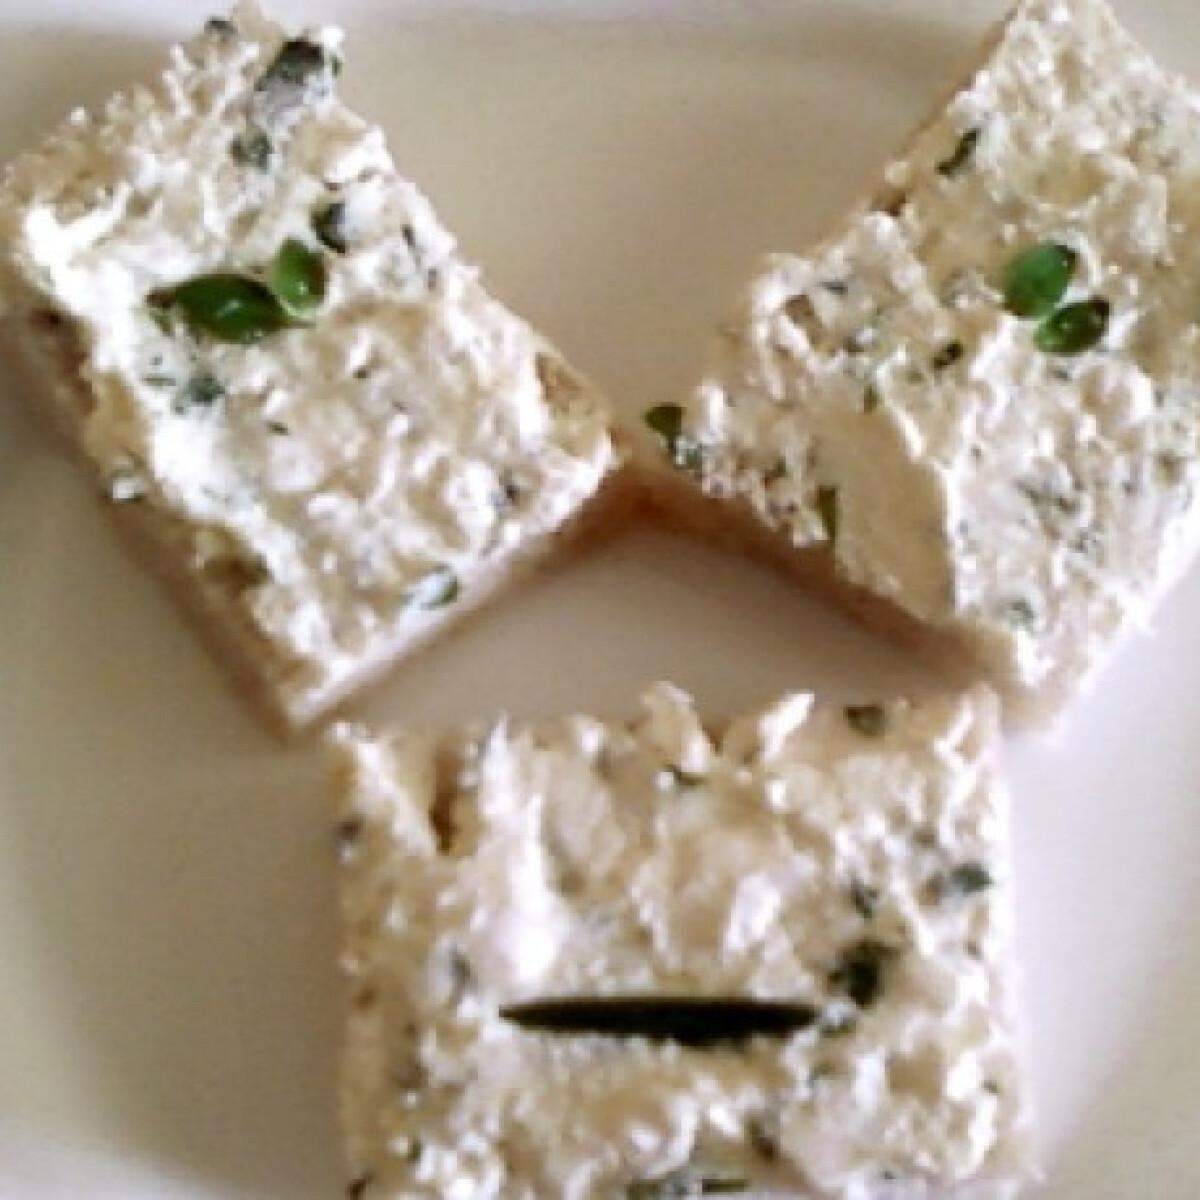 Zöldfűszeres sajtkrém